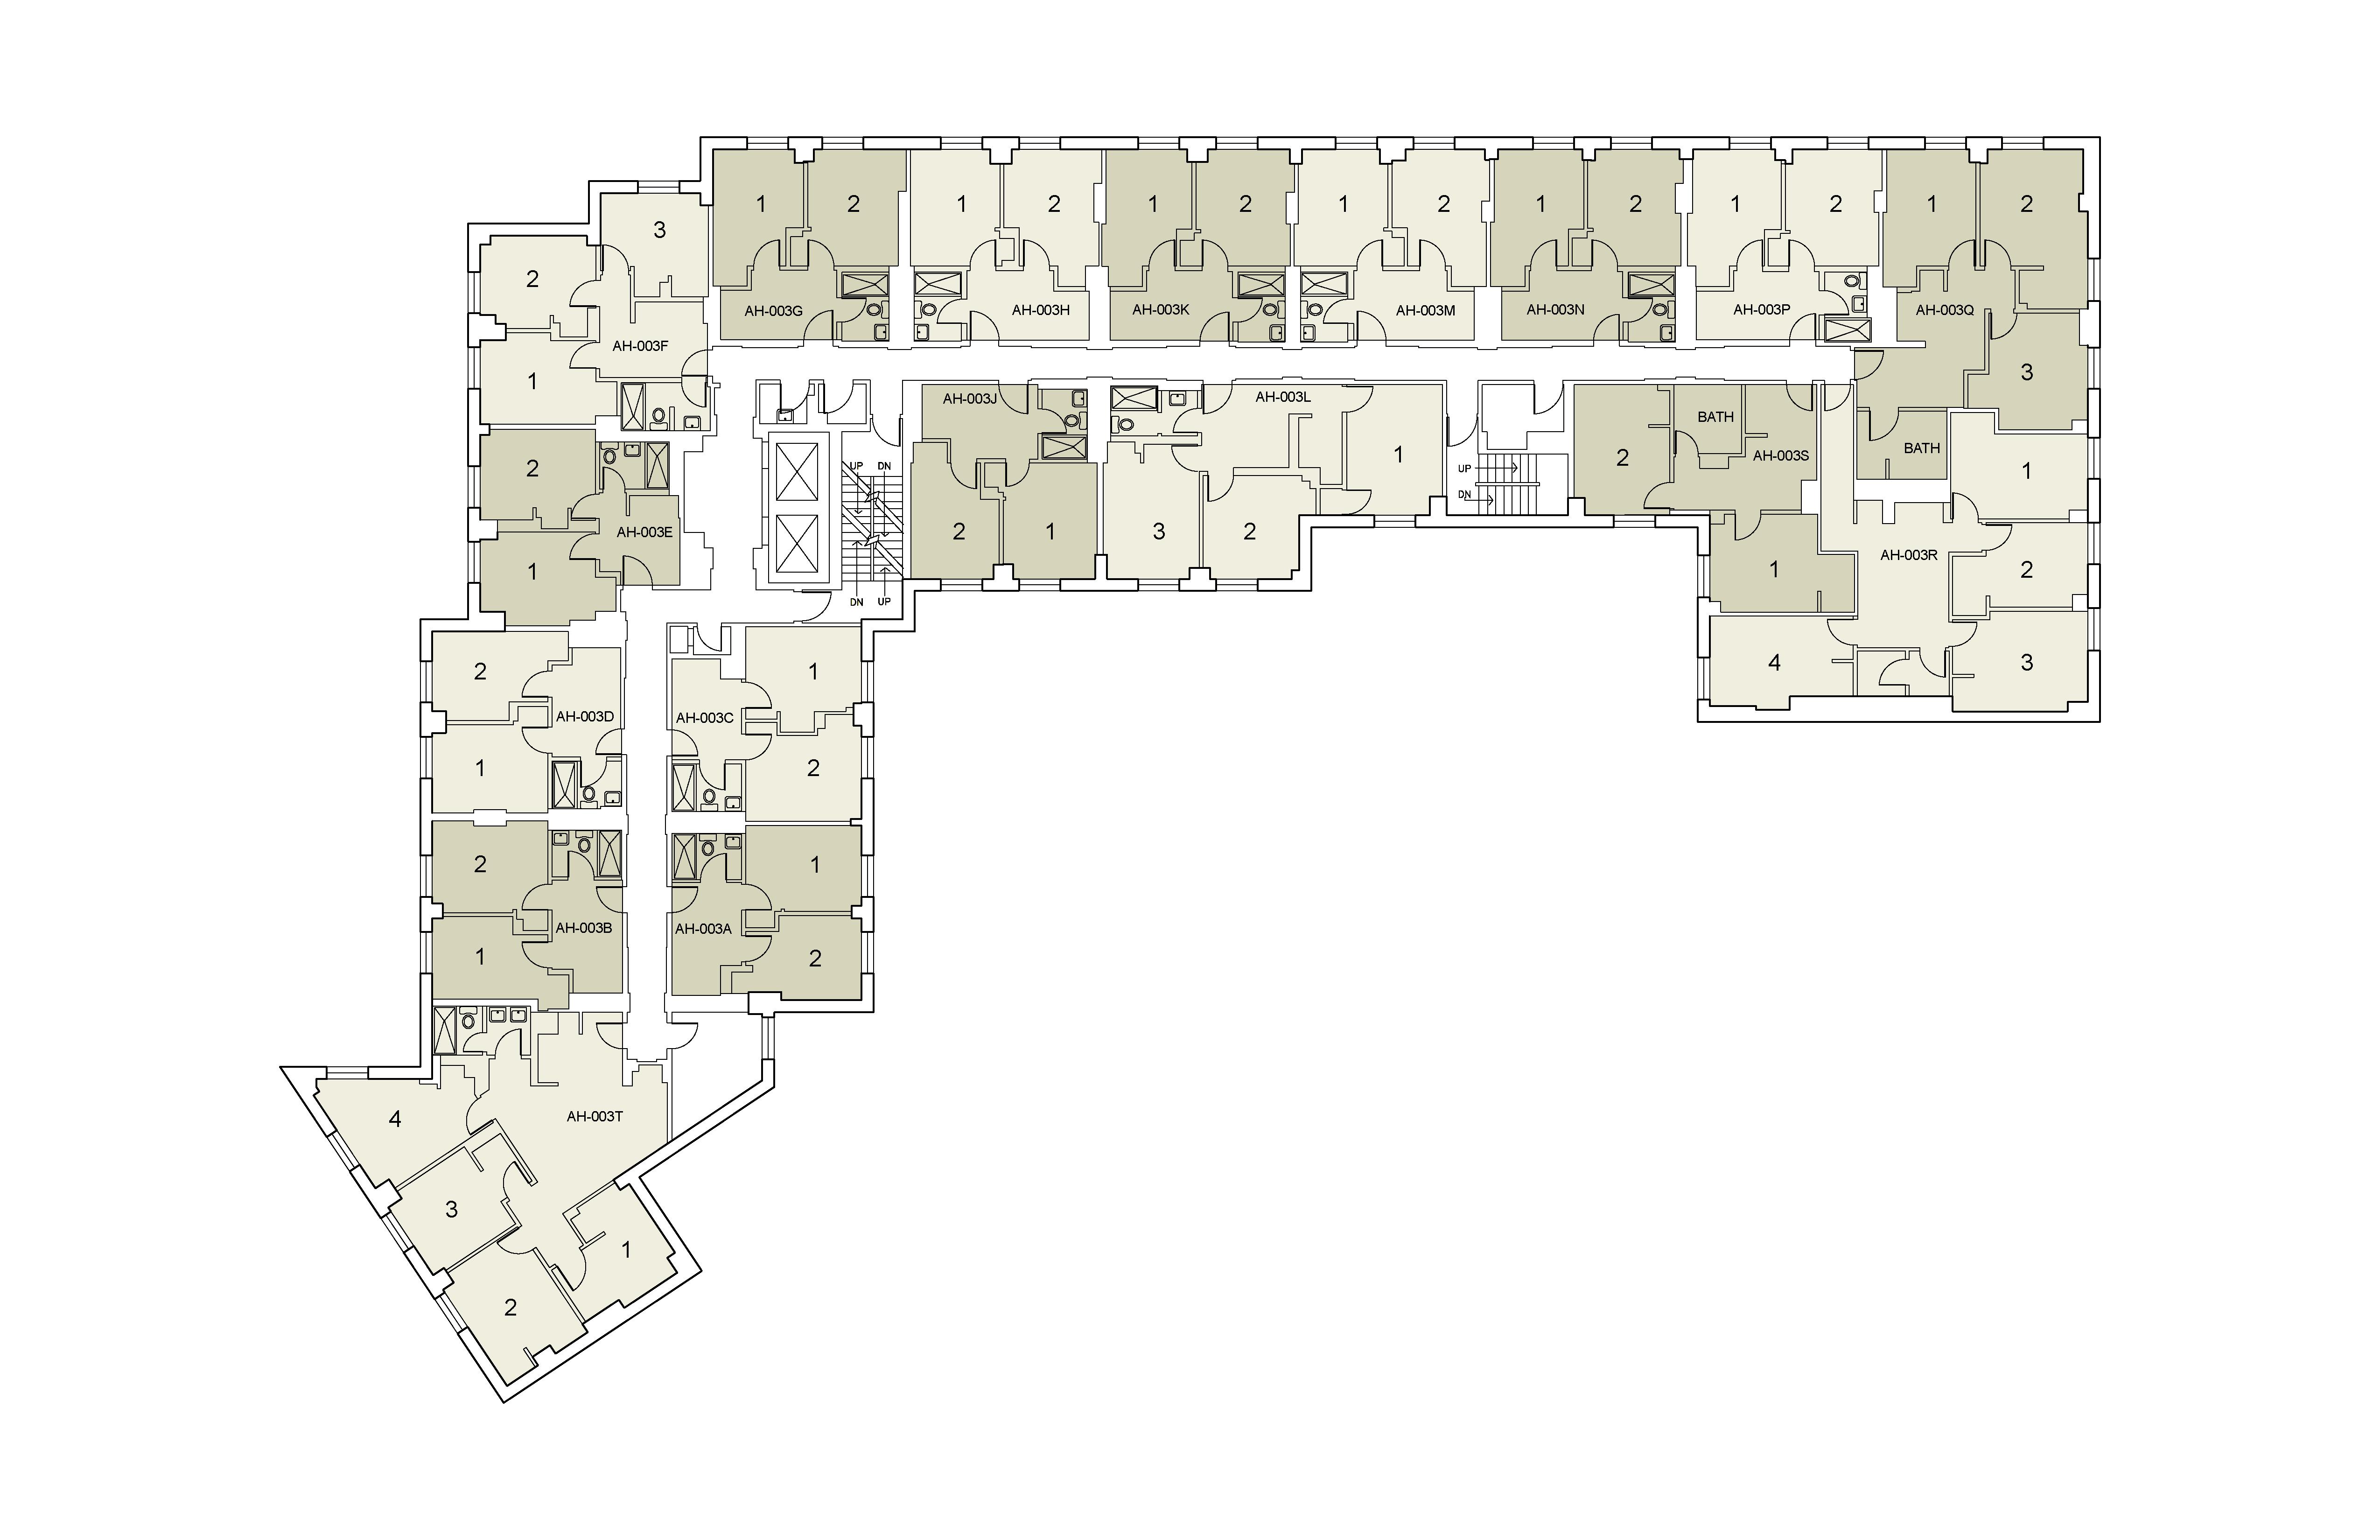 Floor plan for Alumni Floor 03